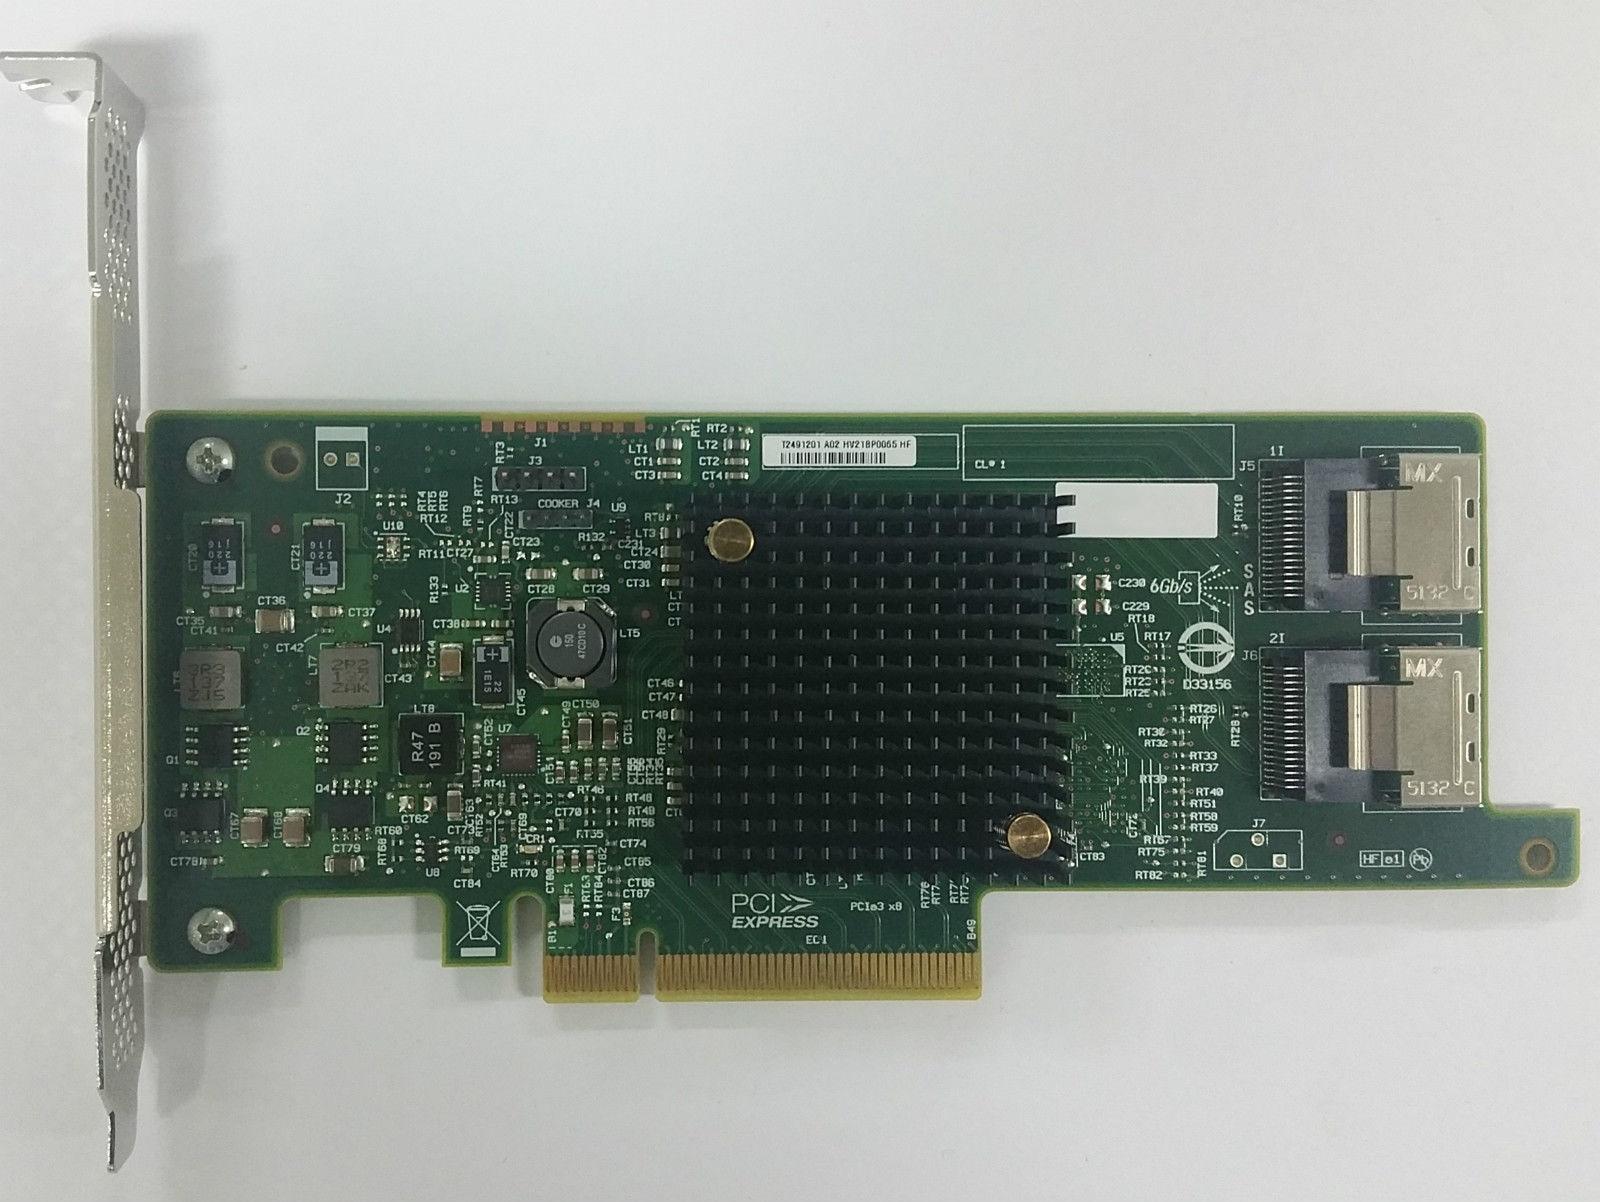 H220 LSI 9205-8i SAS2308 6GB SAS Array Card Channel Card 660088-001